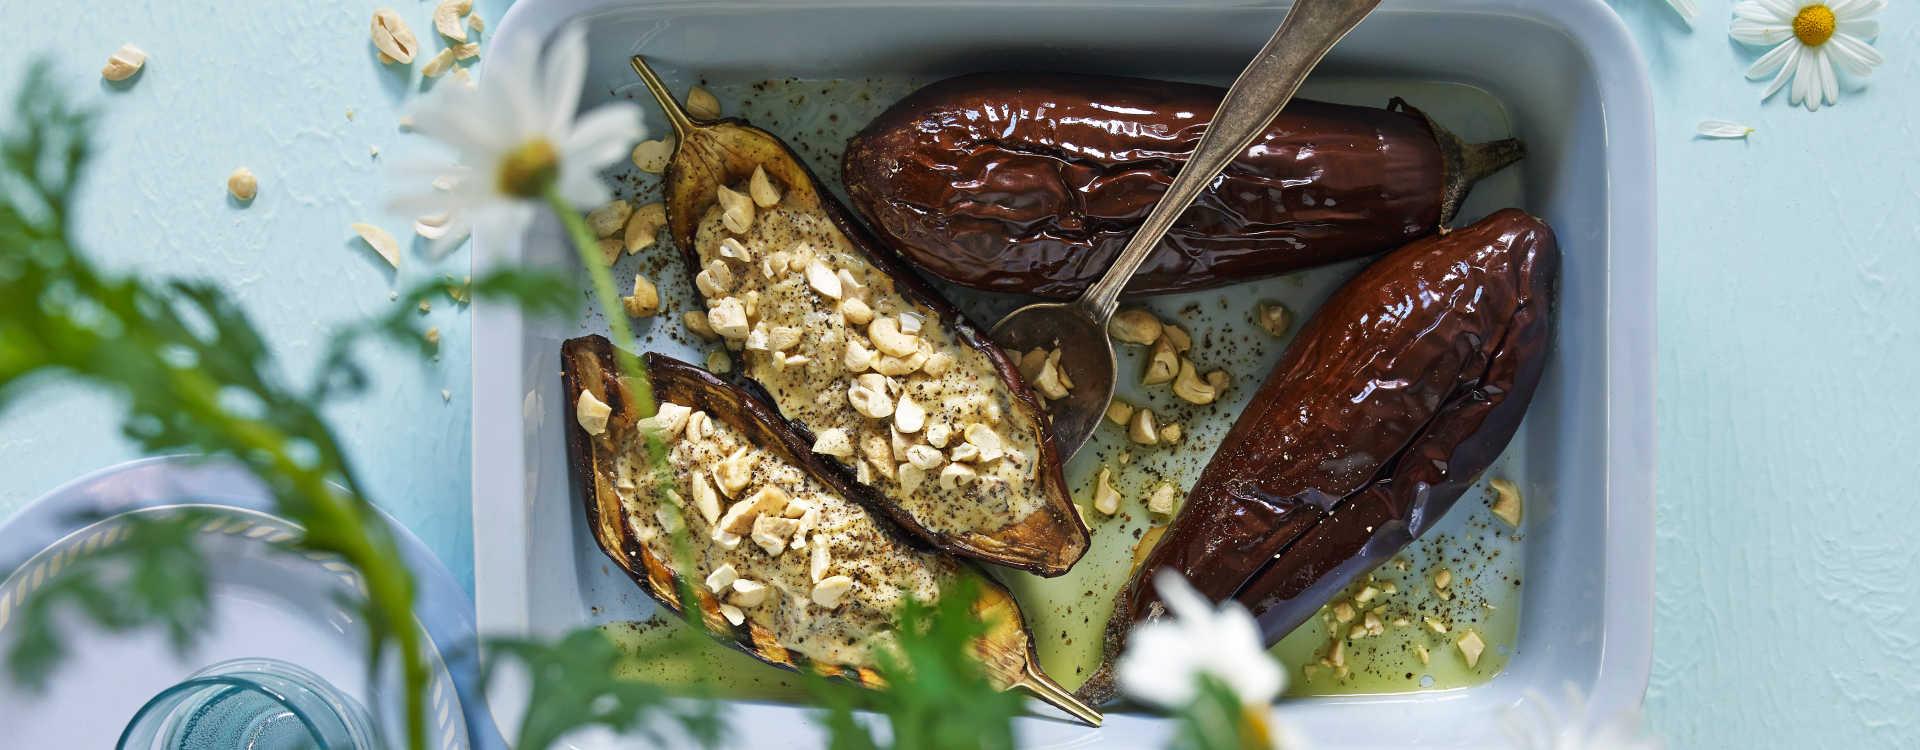 Grillet hel aubergine med honning og cashewnøtter